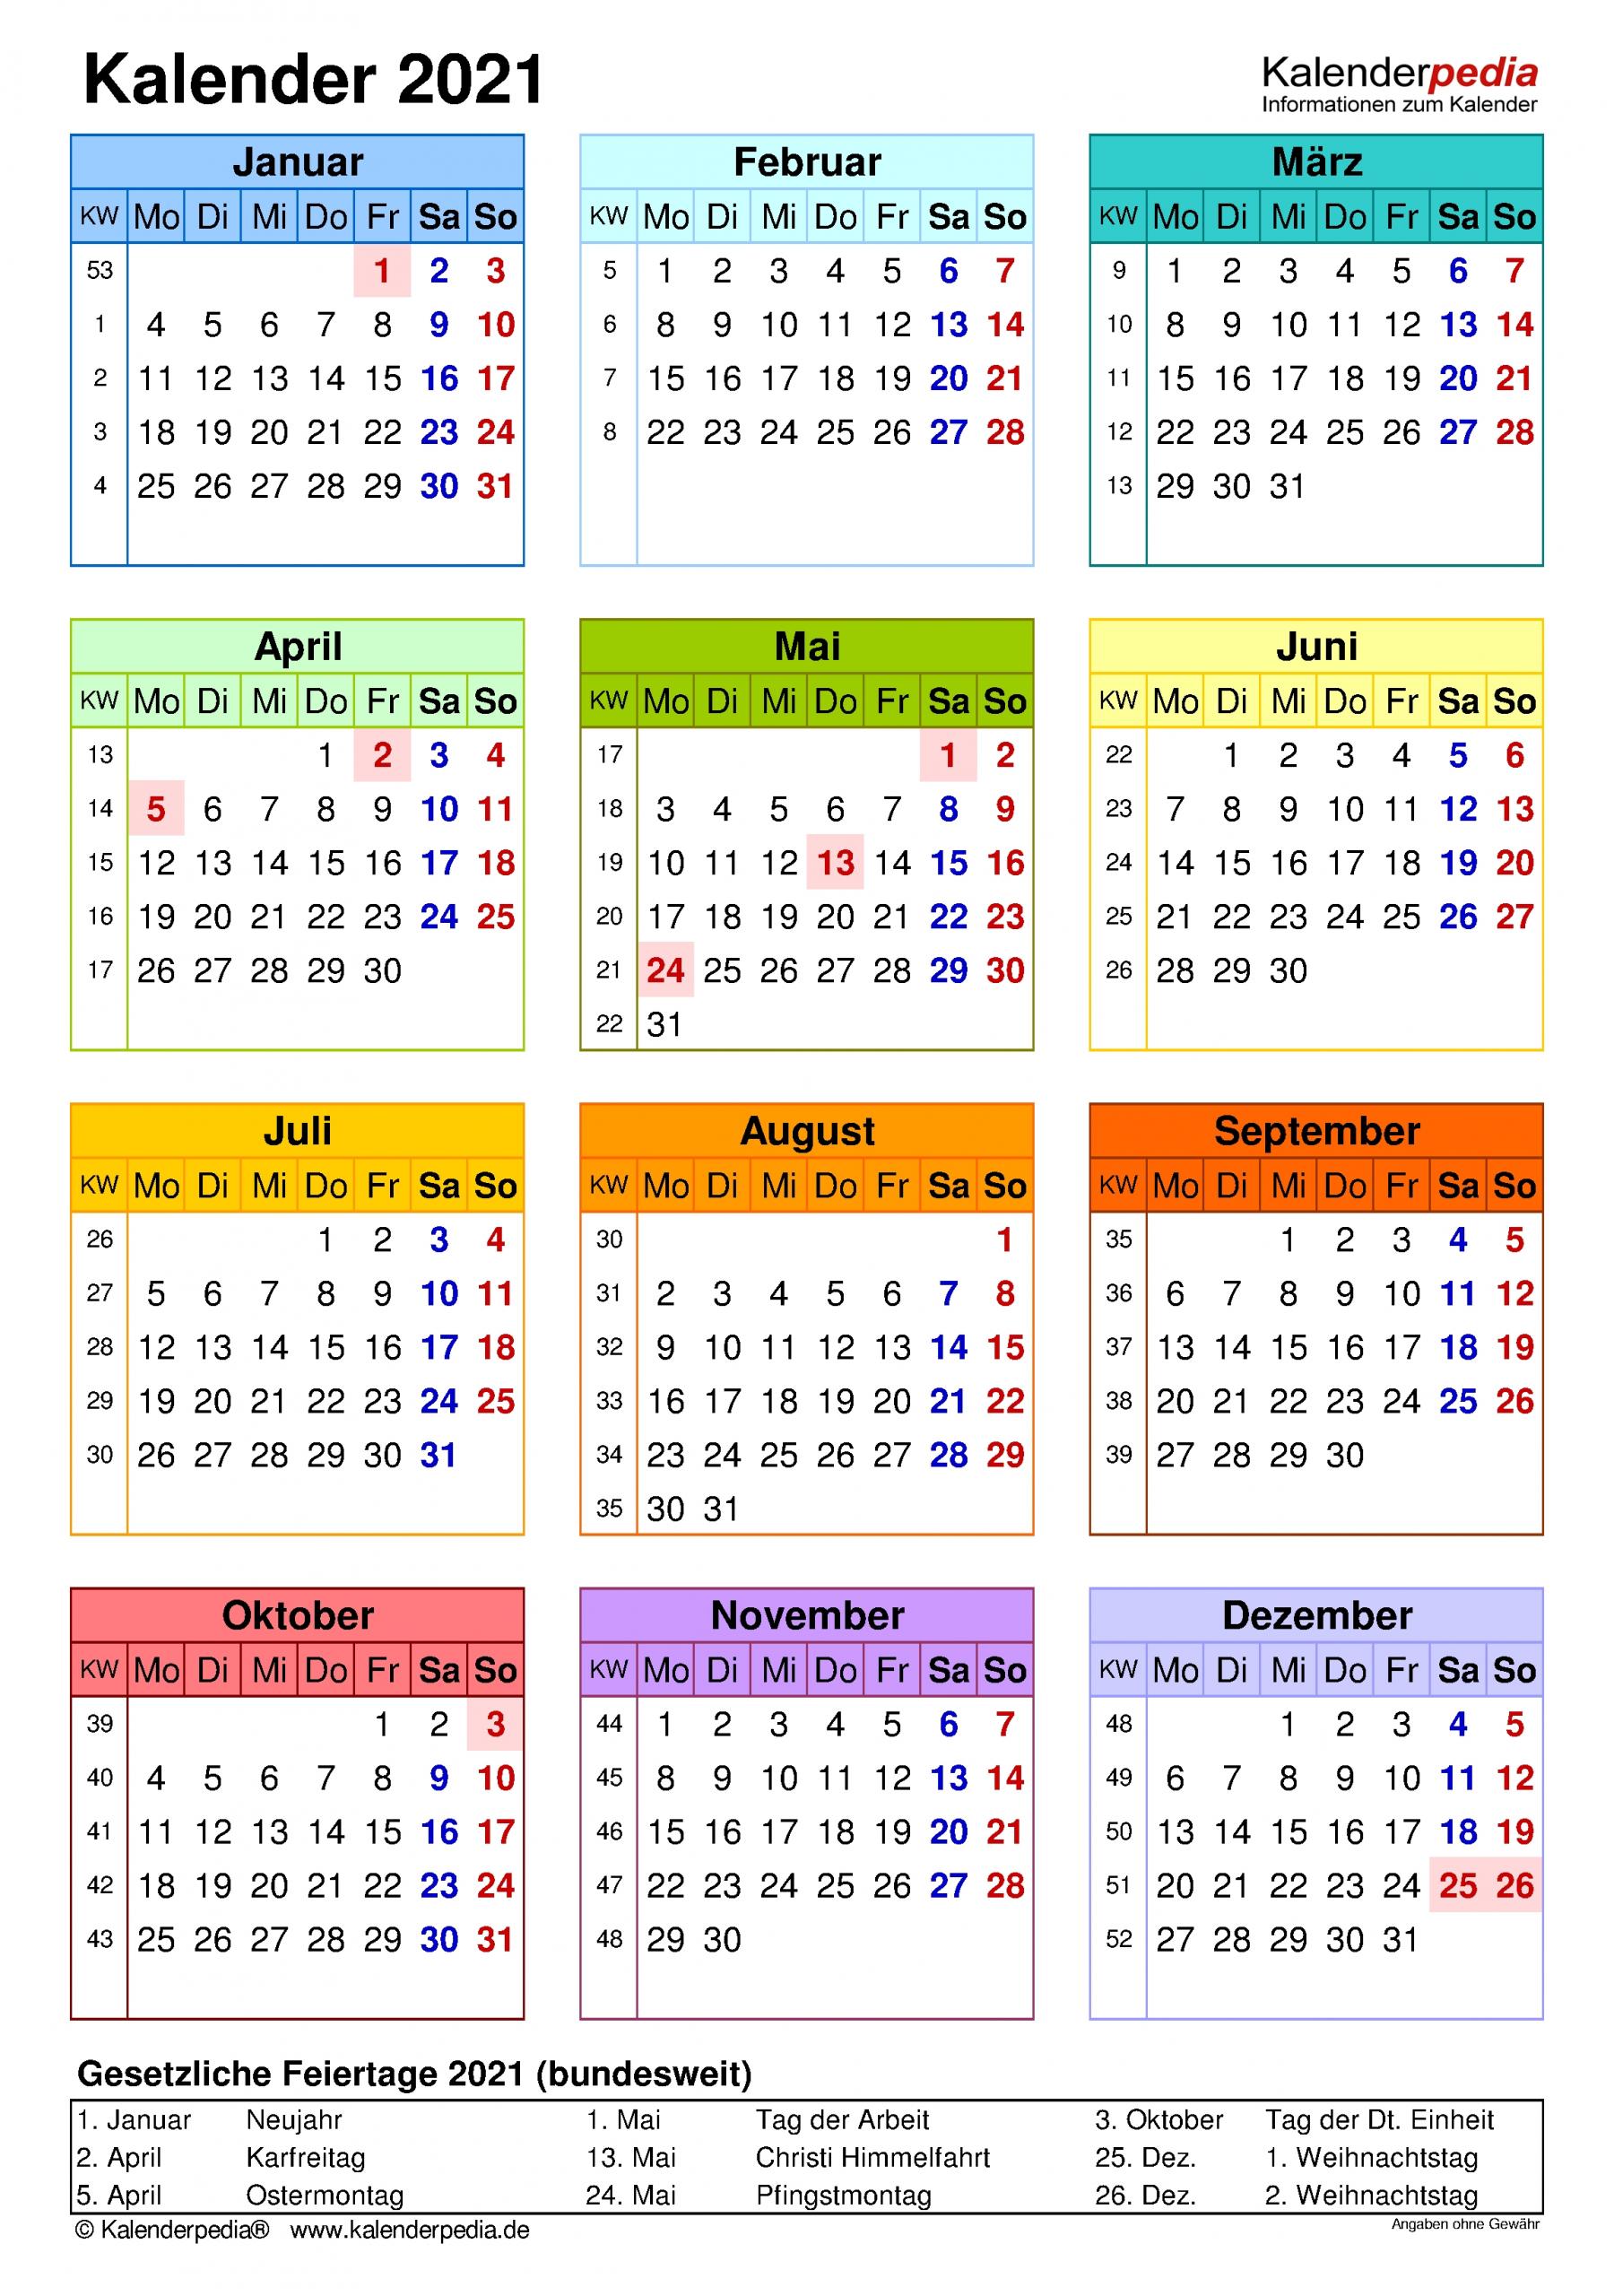 Get Kalender 2021 Deutsch Zum Ausdrucken